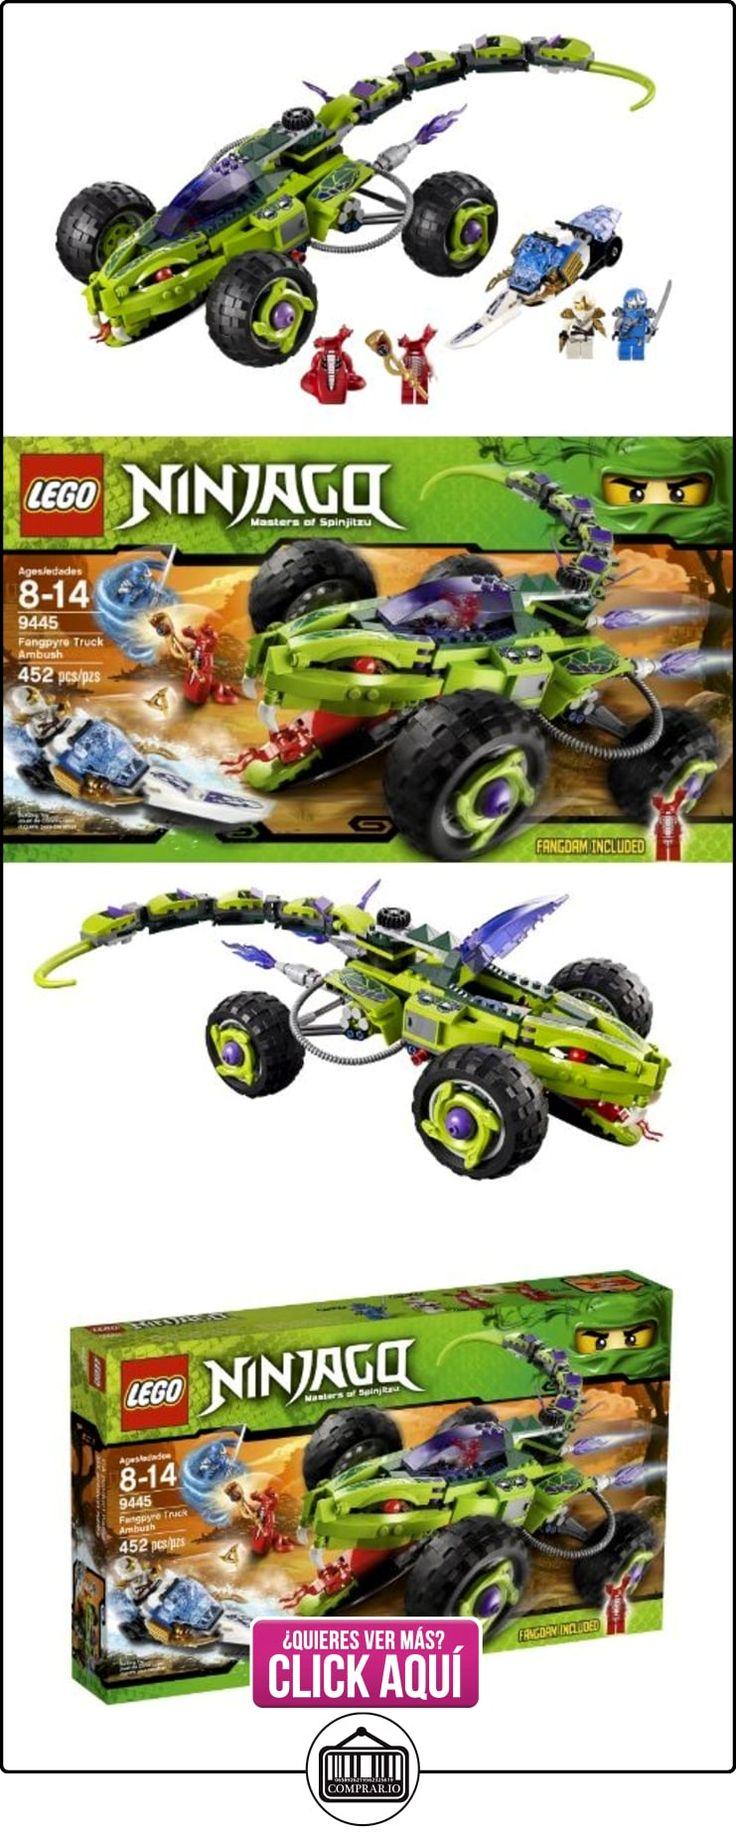 LEGO Ninjago Fangpyre Truck Ambush 452pieza(s) - juegos de construcción (Multicolor)  ✿ Lego - el surtido más amplio ✿ ▬► Ver oferta: https://comprar.io/goto/B005VPRFJS